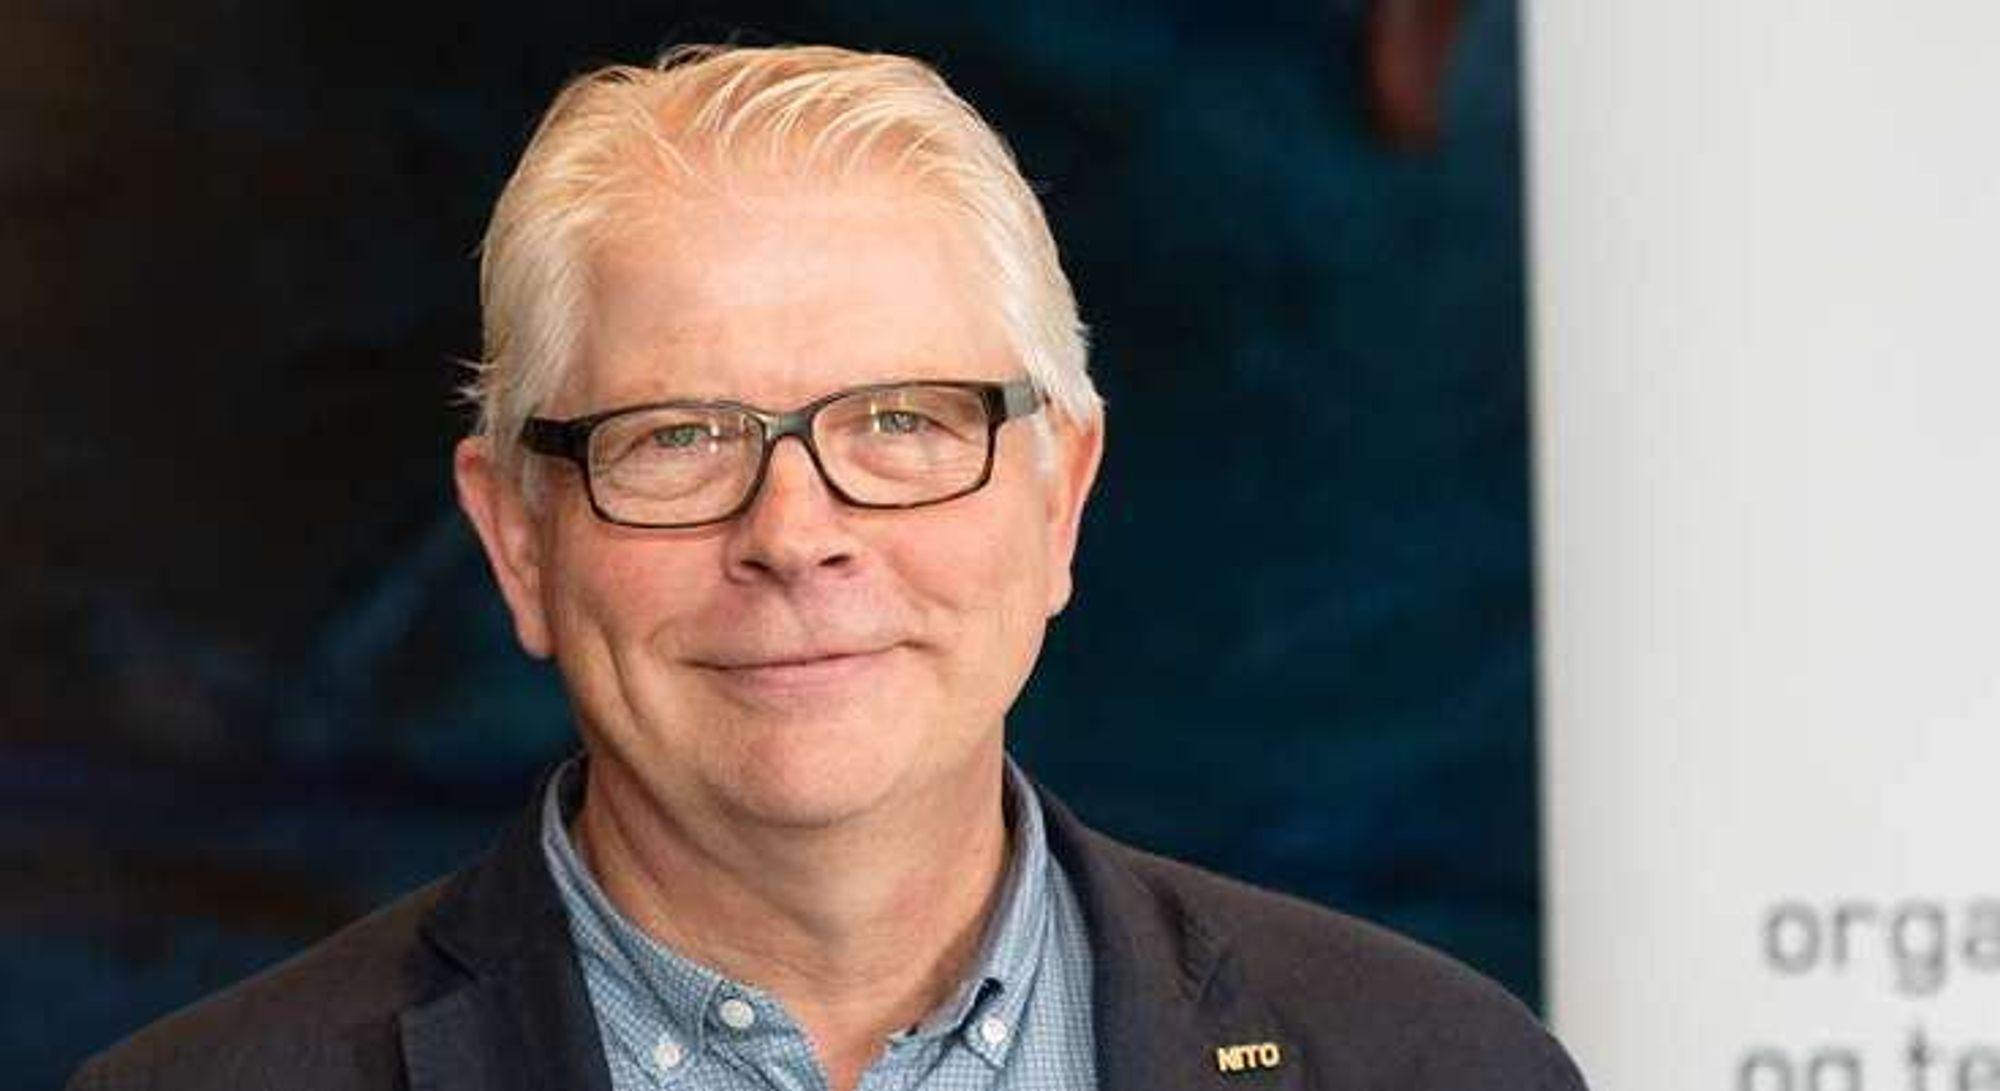 Kraftforvalter og leder for tariffutvalget NITO Energi, Oddvar Steinhaug.